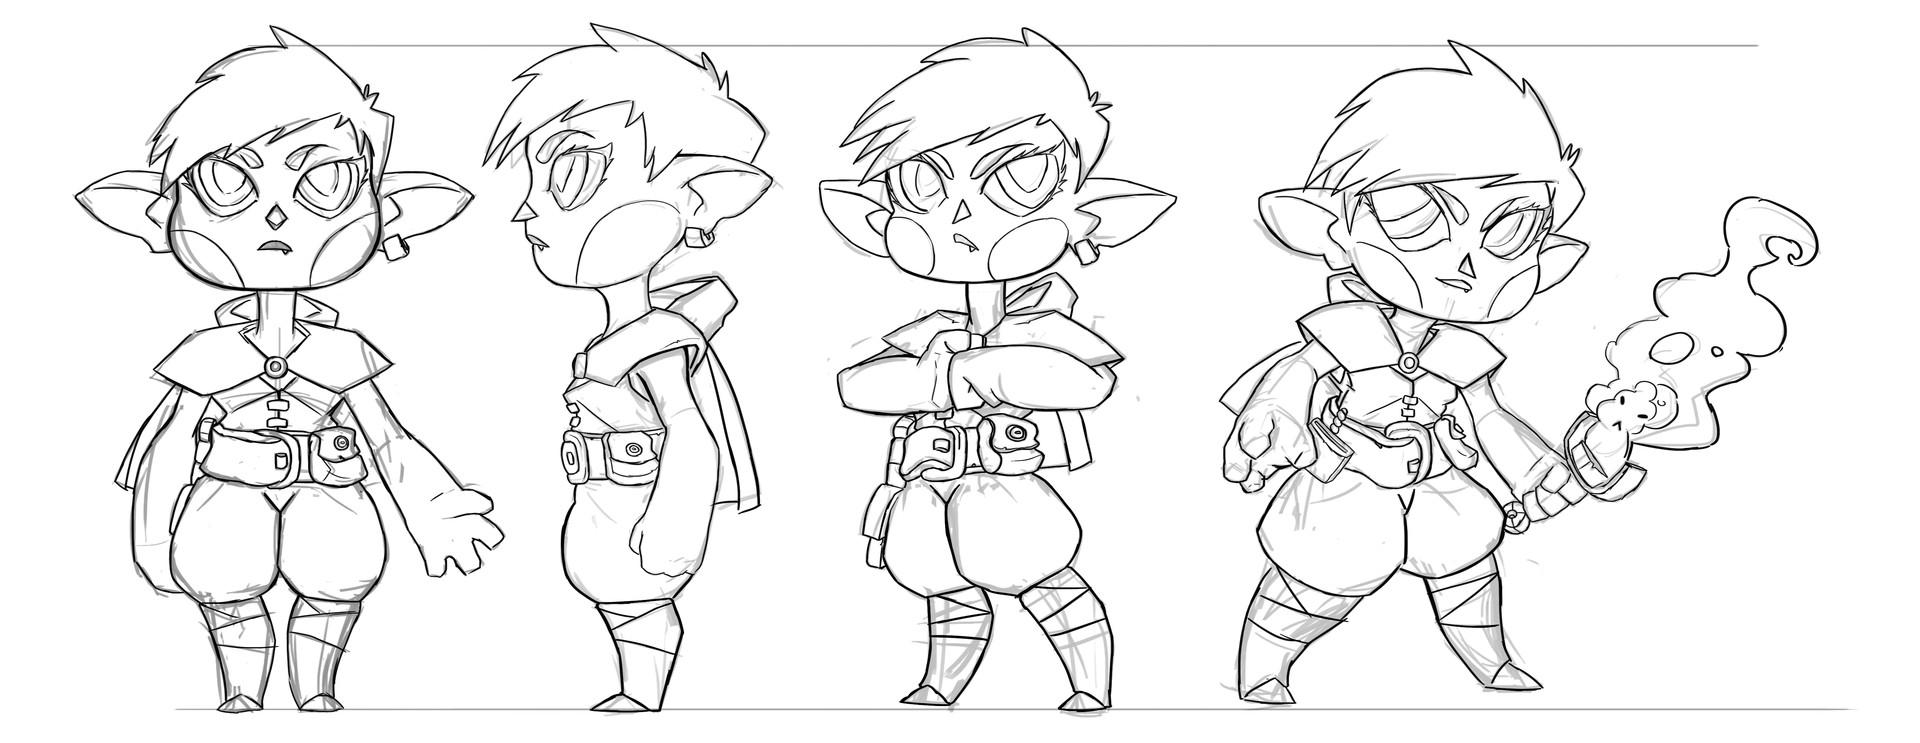 Juanda rico character sketch design